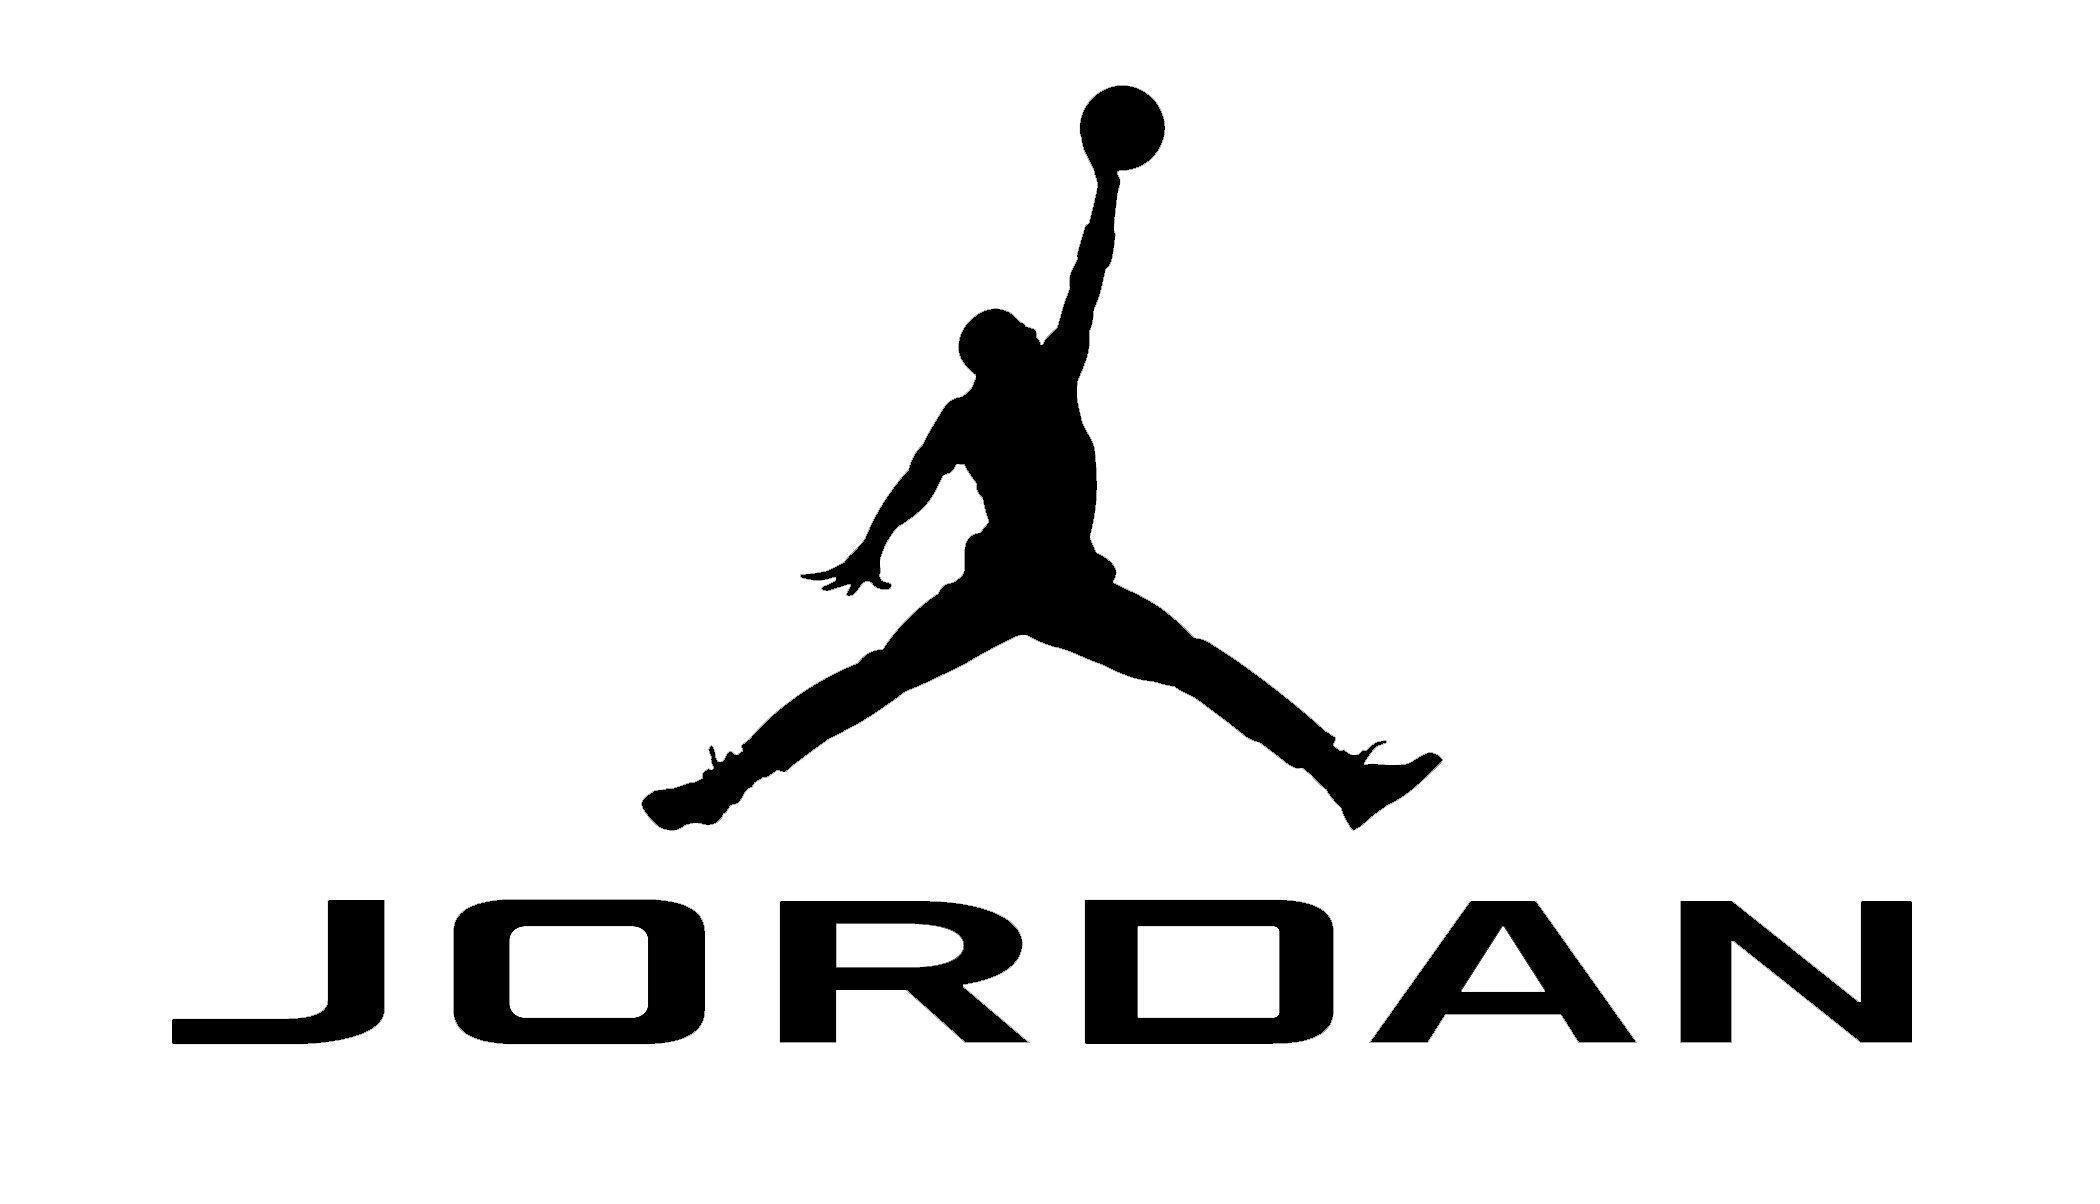 Jordan Logo Wallpapers